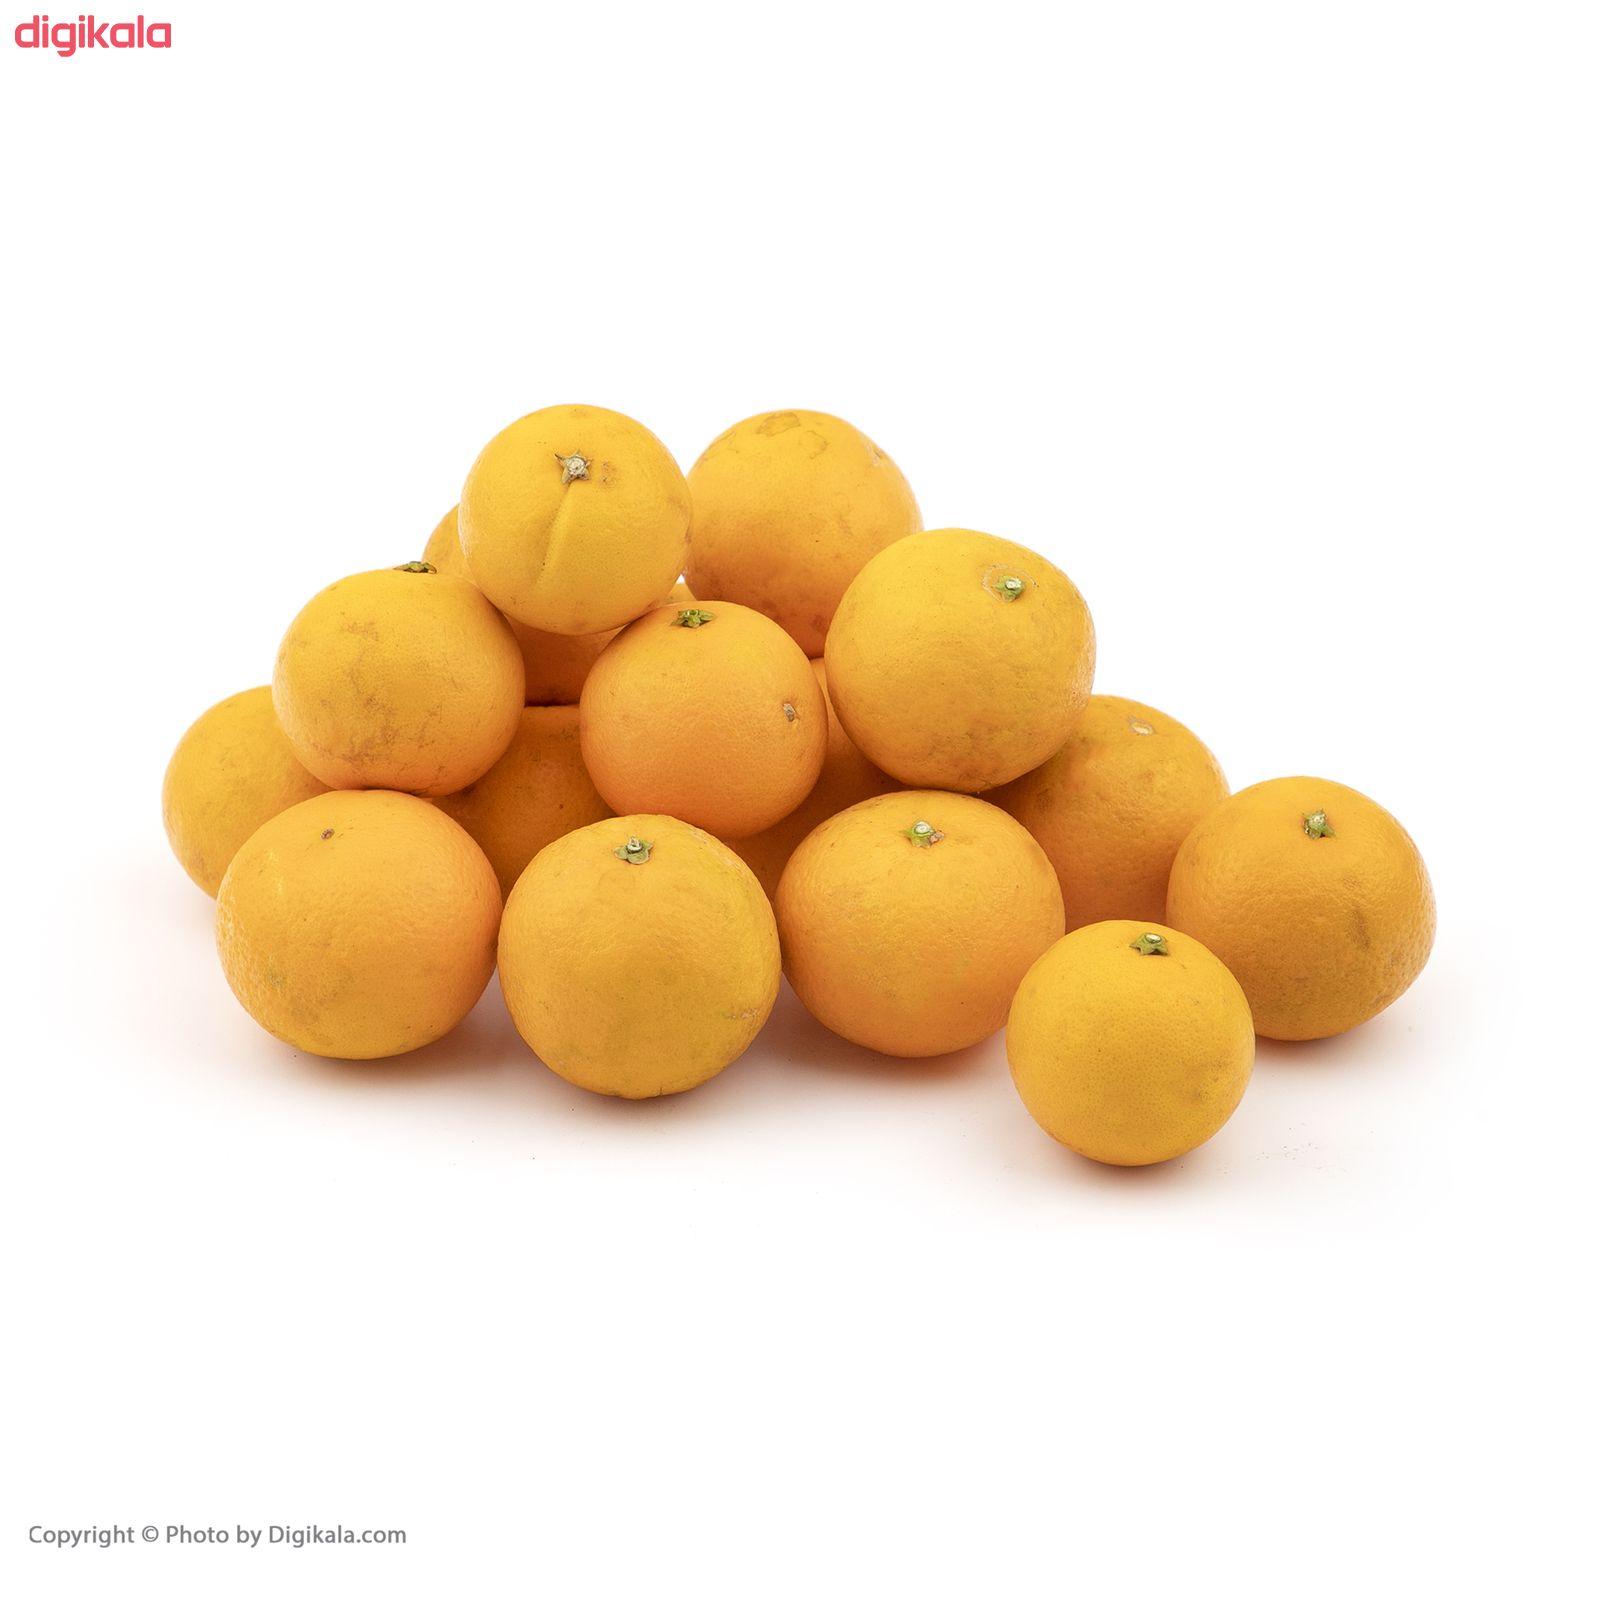 پرتقال آبگیری فله - 2.5 کیلوگرم main 1 1